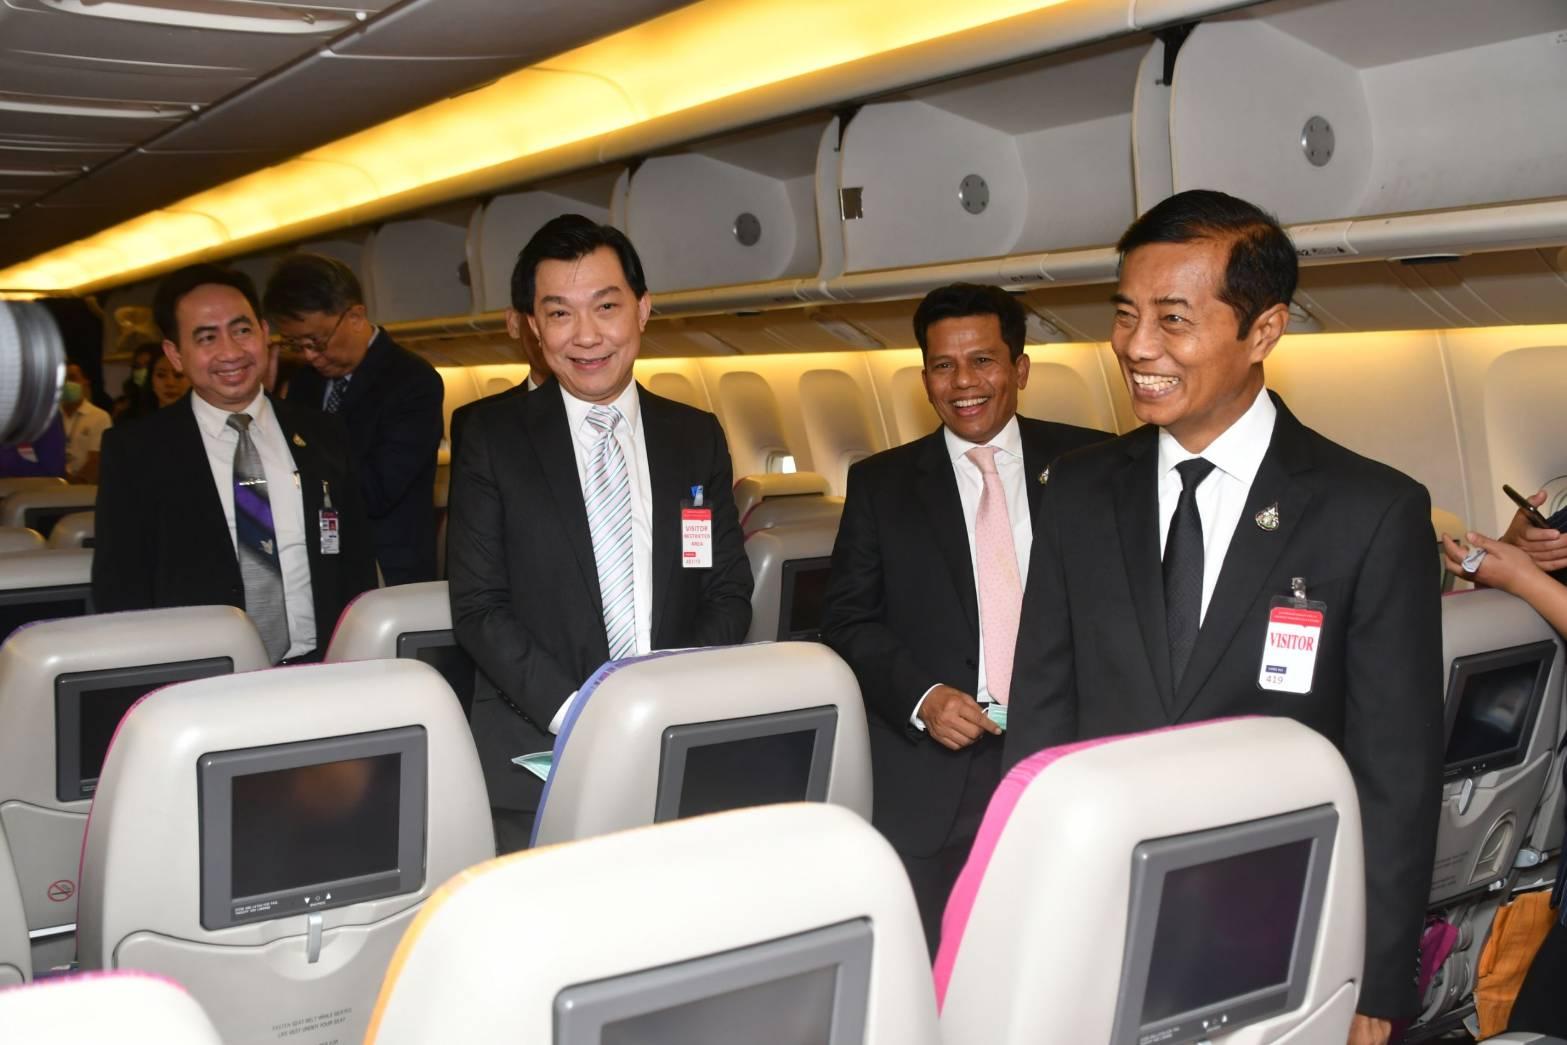 """การบินไทย ยกระดับขั้นสูงสุดสกัด""""เชื้อโคโรนา"""" –จ่อปรับตารางบินจีน หลังผู้โดยสารยกเลิกตั๋ว"""